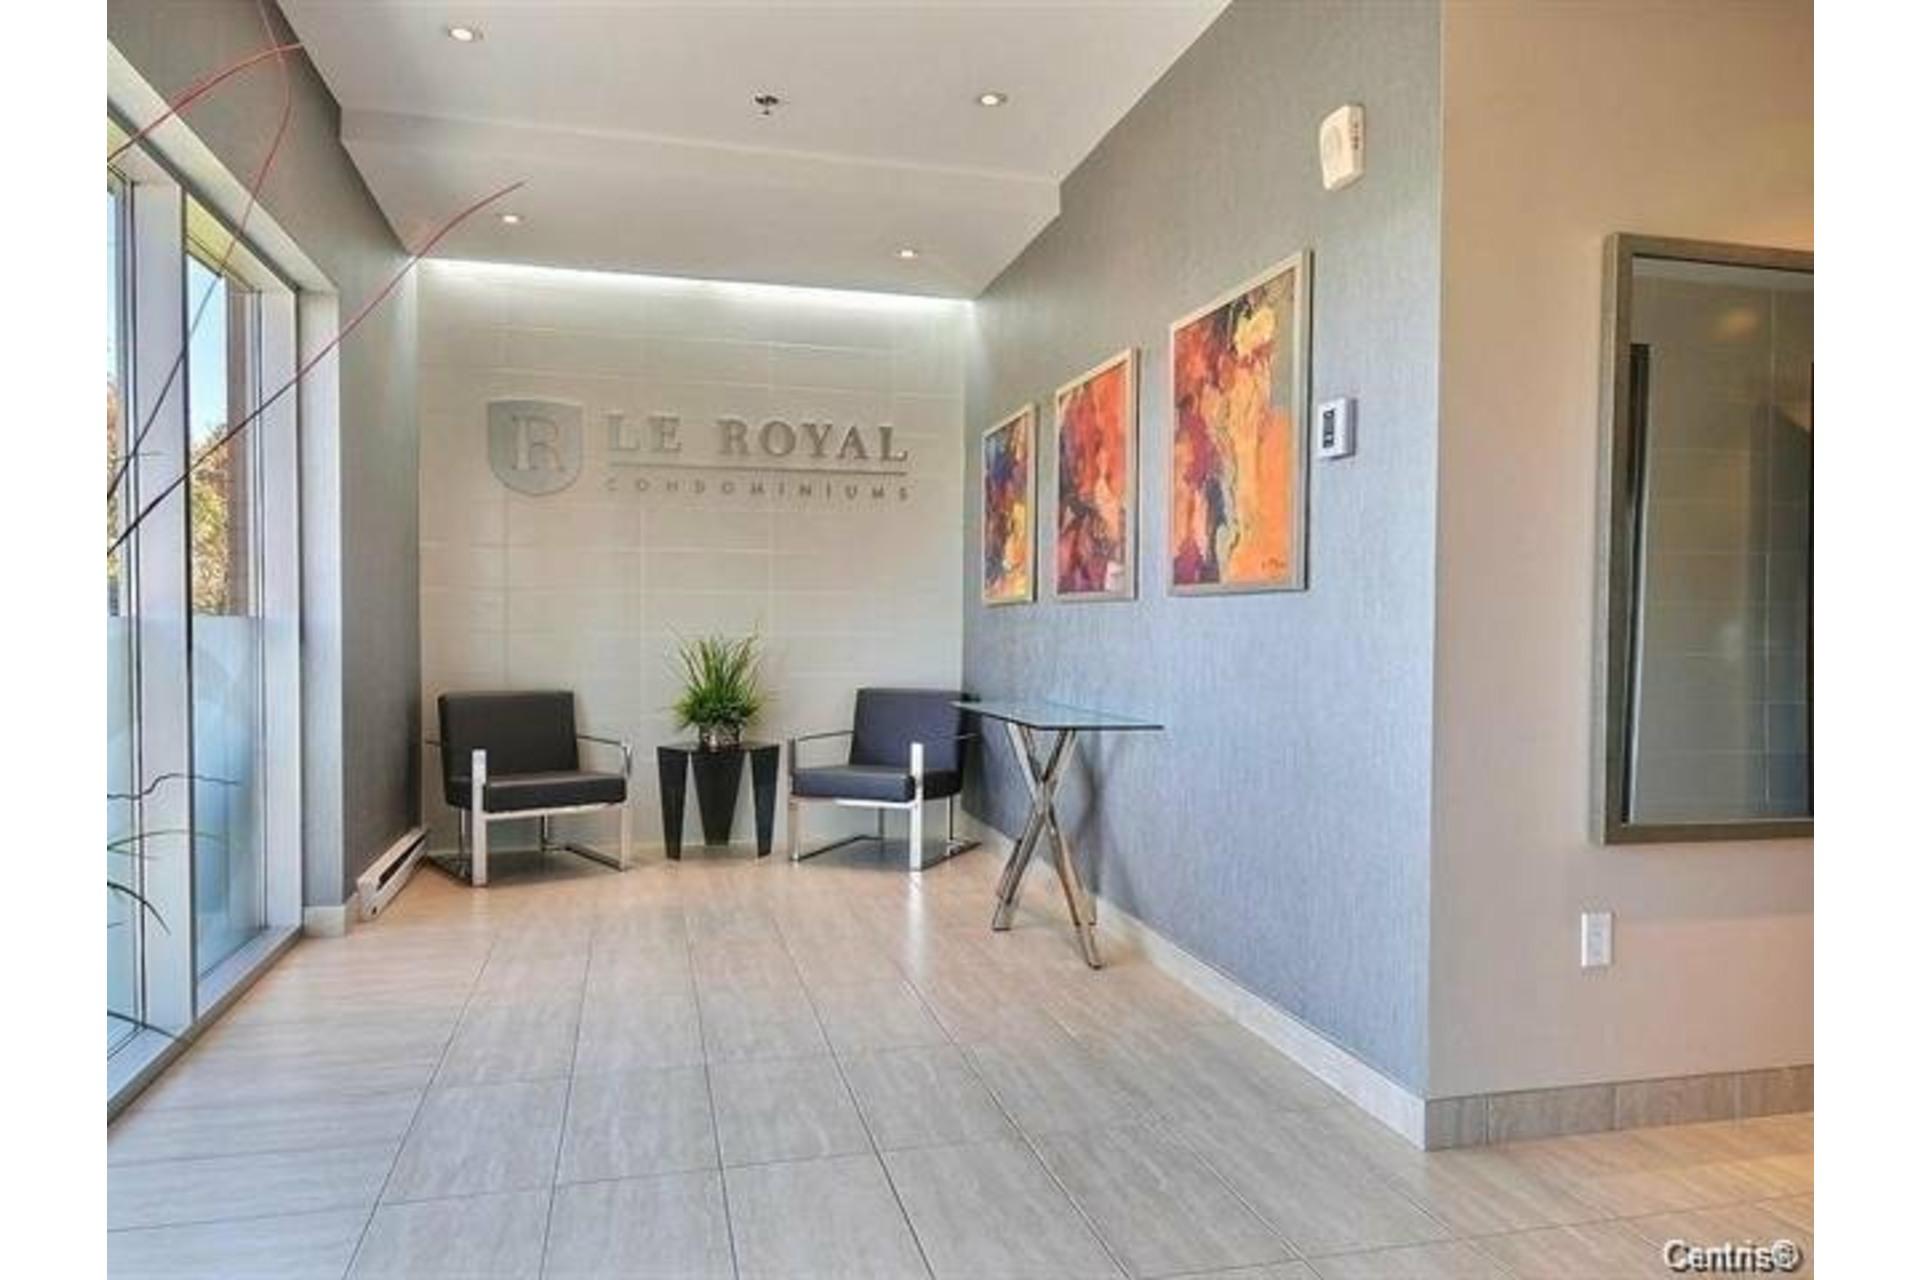 image 21 - Appartement À louer Rivière-des-Prairies/Pointe-aux-Trembles Montréal  - 6 pièces